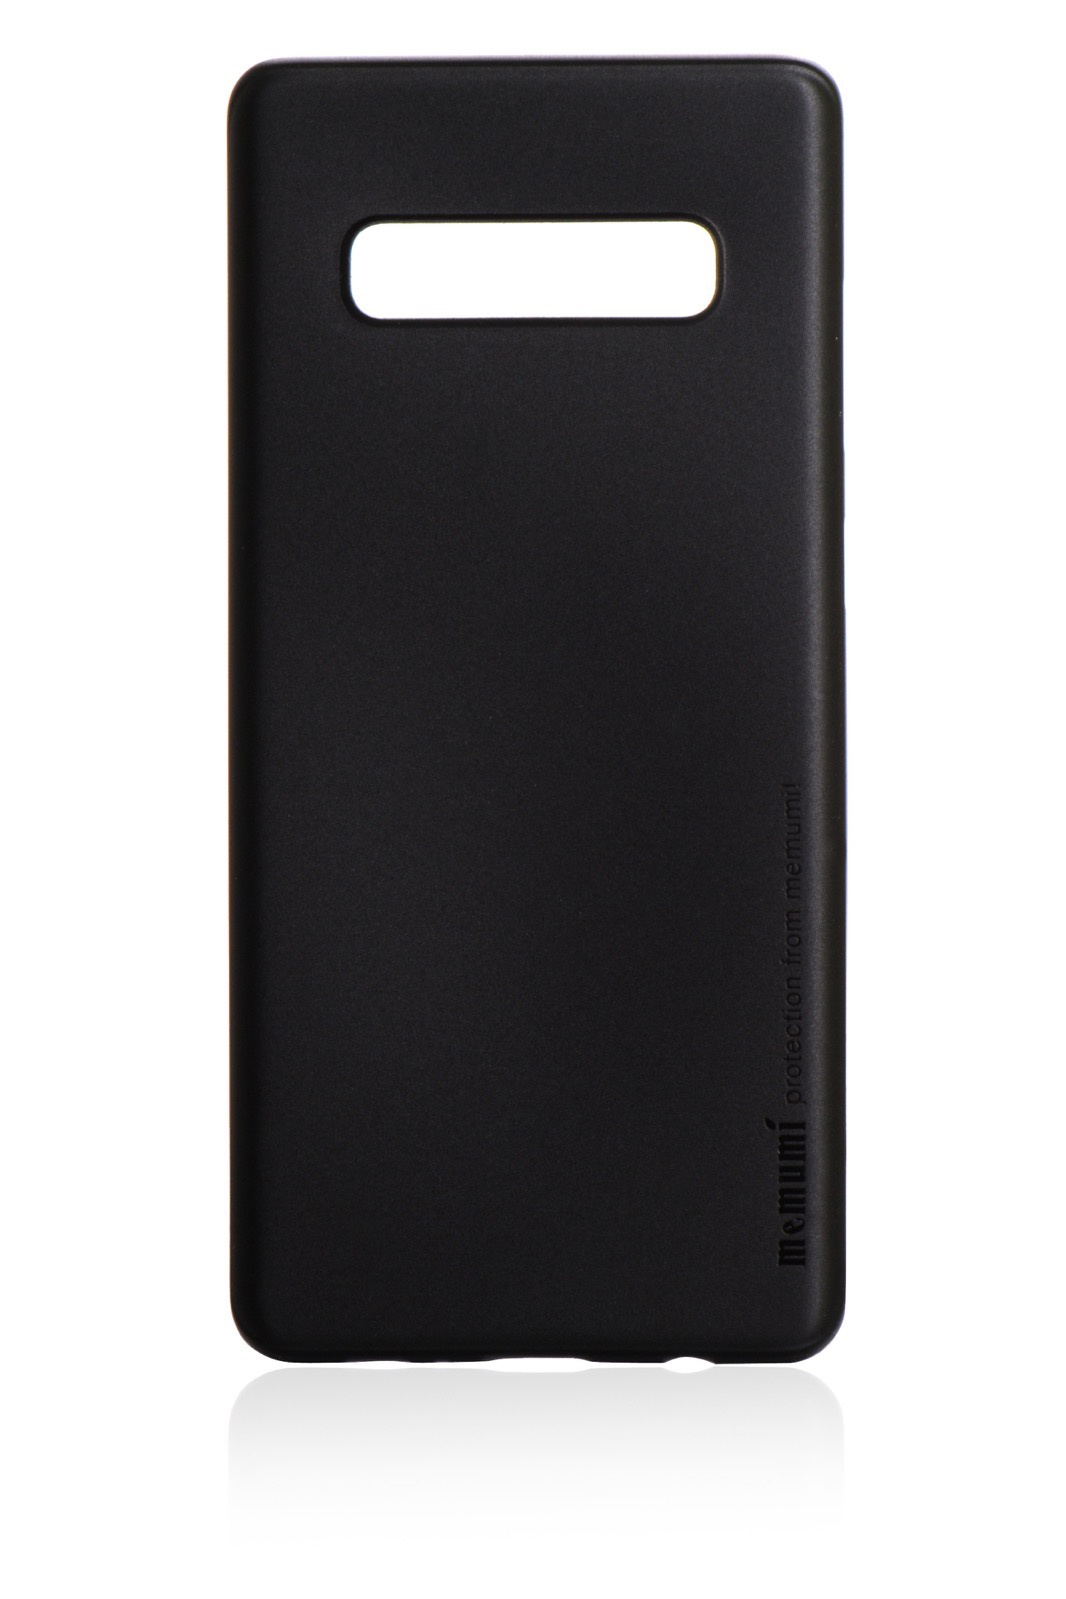 Чехол для сотового телефона Memumi Ultra Slim Premium пластик 0.3 mm для Samsung Galaxy S10, черный